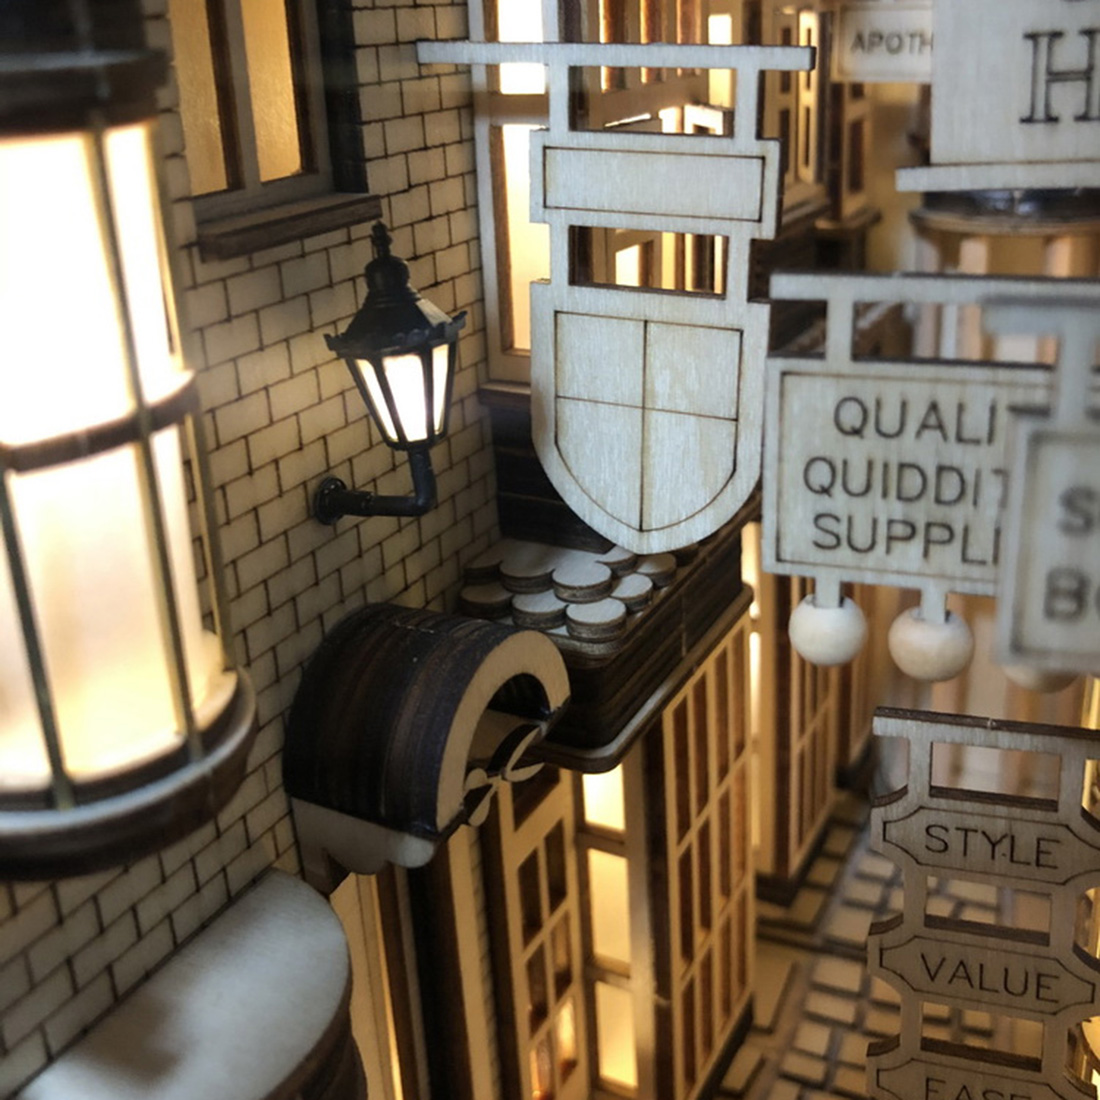 Hcf4c25481b7b4805a6e305f549580c7aC - Robotime - DIY Models, DIY Miniature Houses, 3d Wooden Puzzle